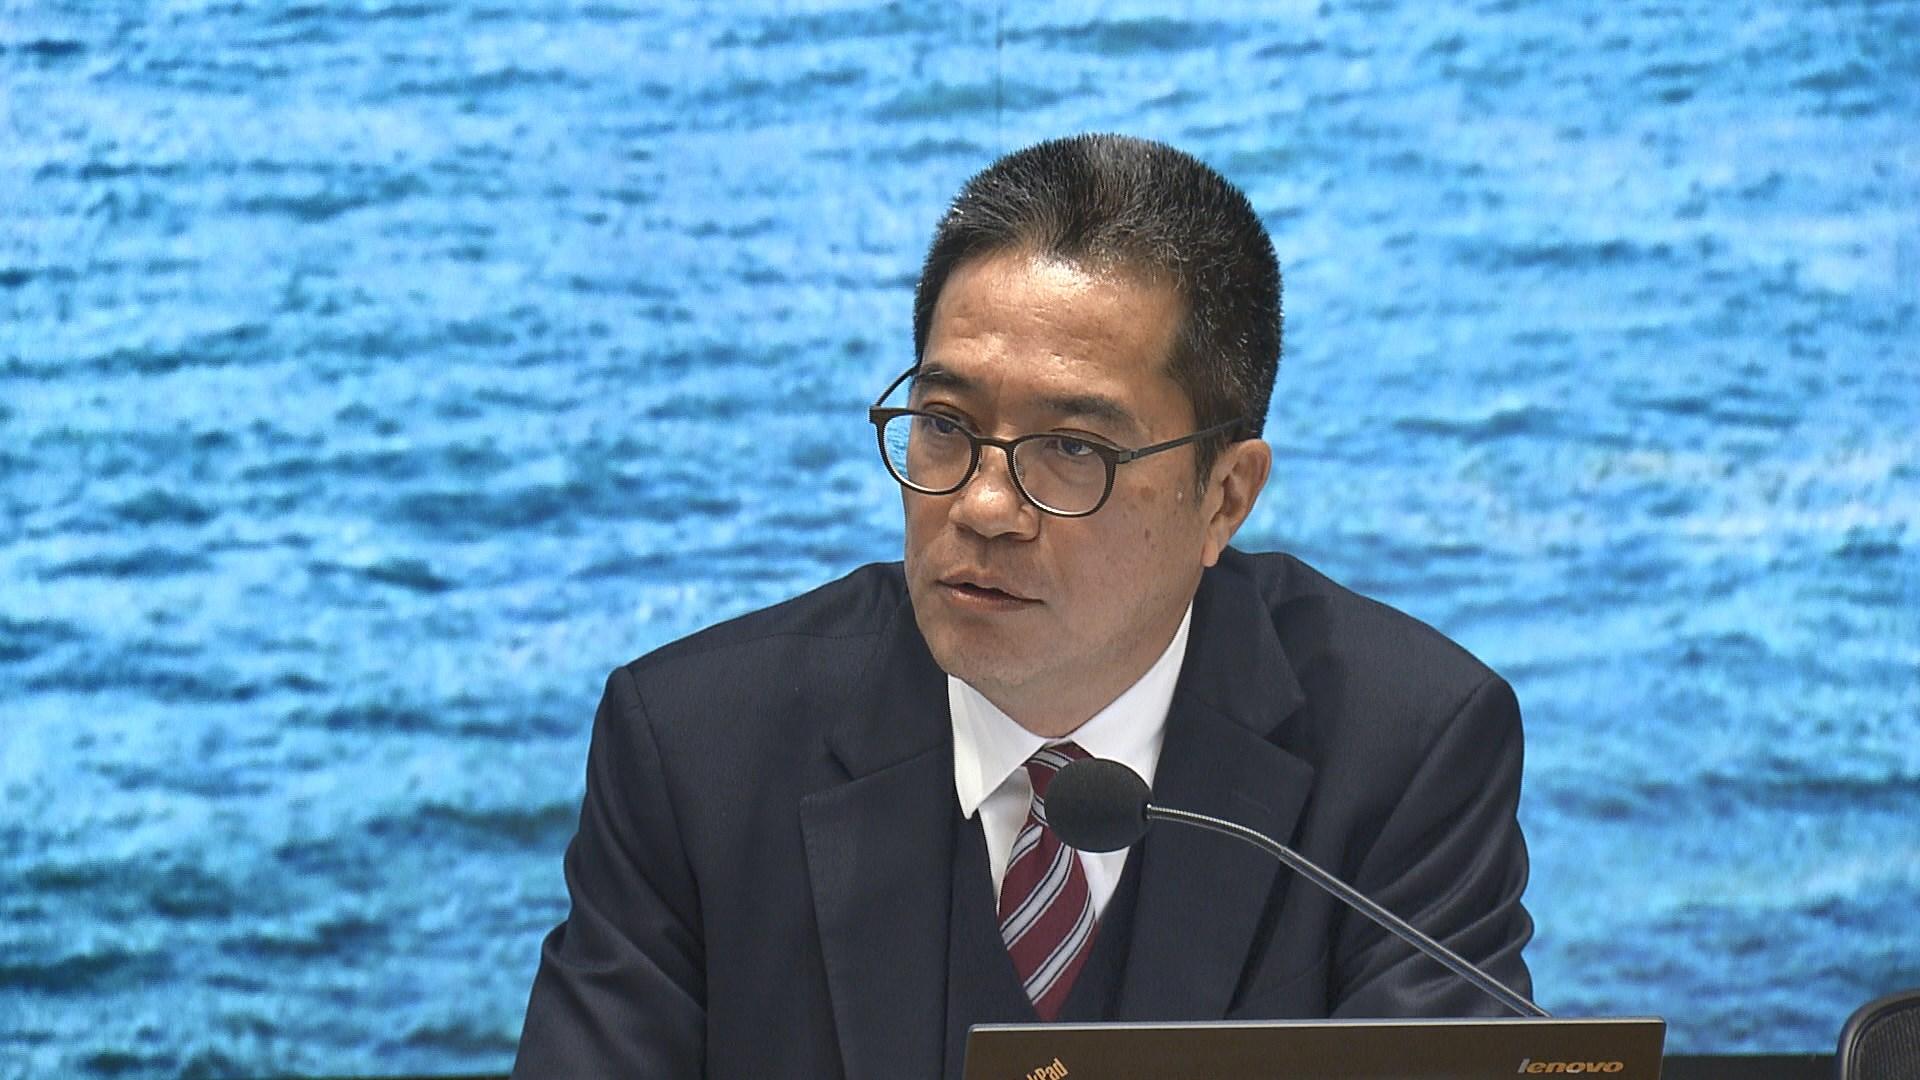 黃偉綸:明日大嶼賣地收入預測達萬億屬粗略估算